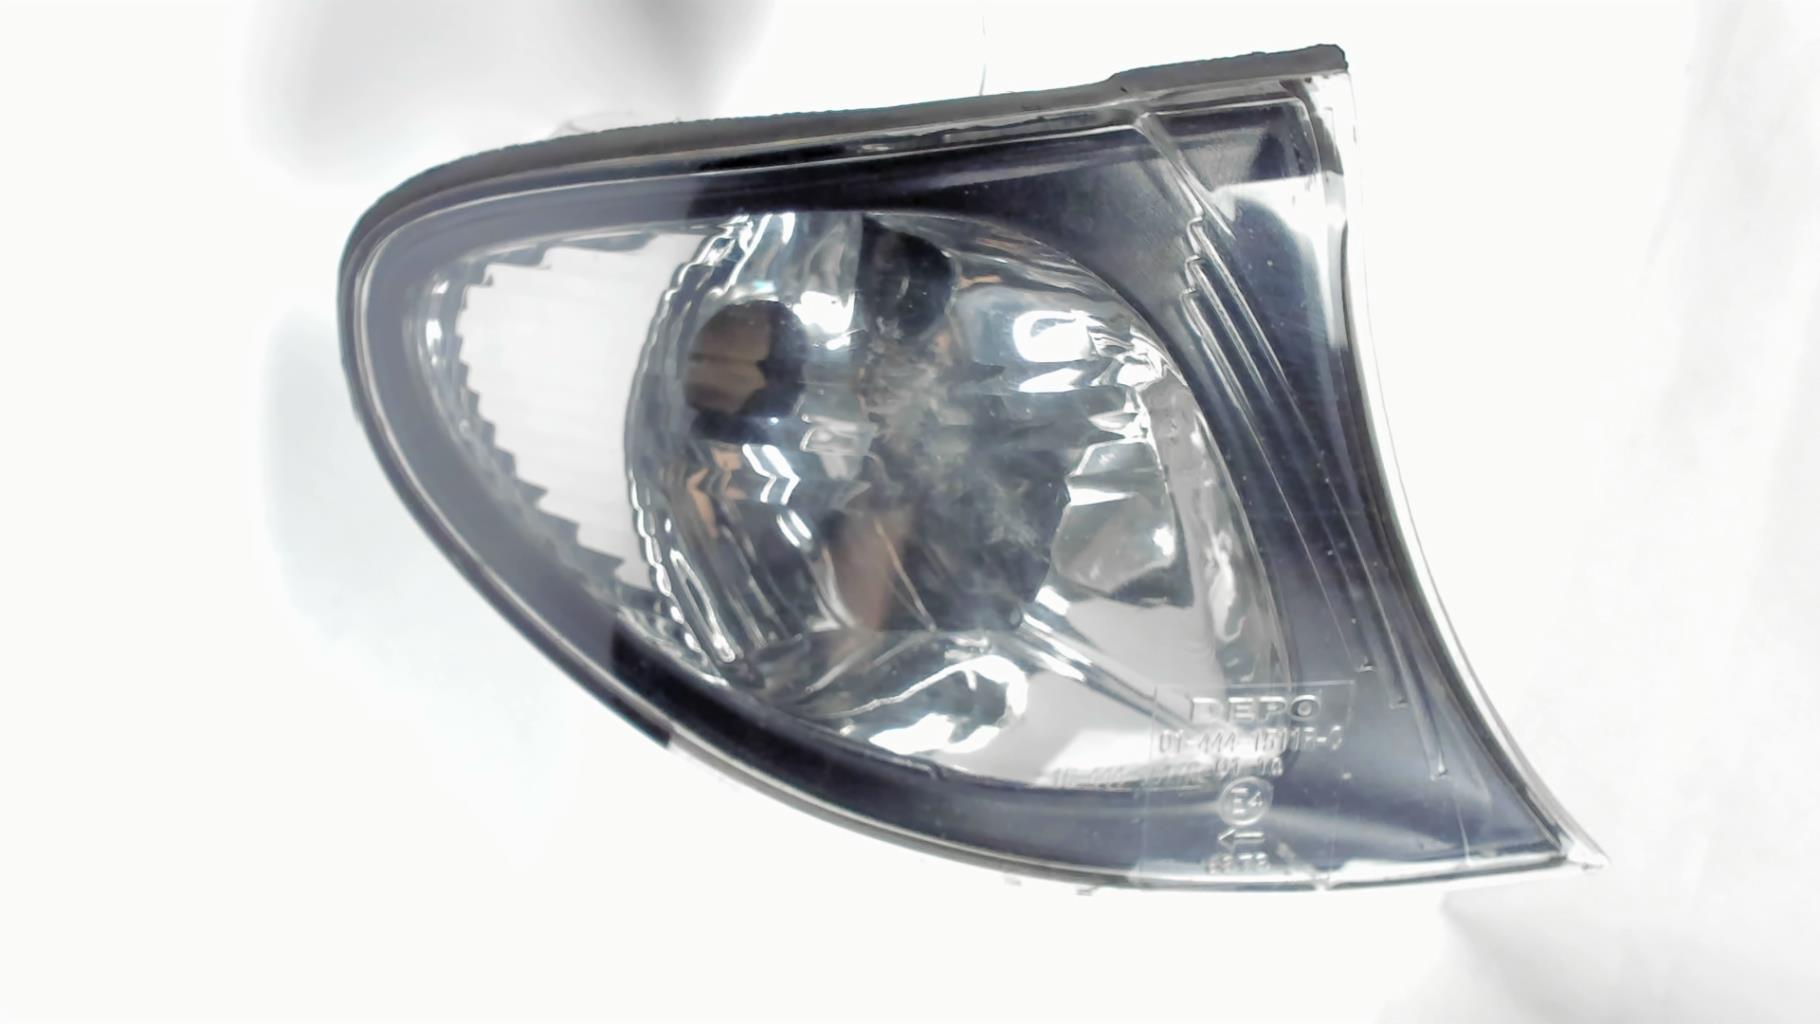 Image Optique avant secondaire droit (feux)(clignotant) - BMW SERIE 3 E46